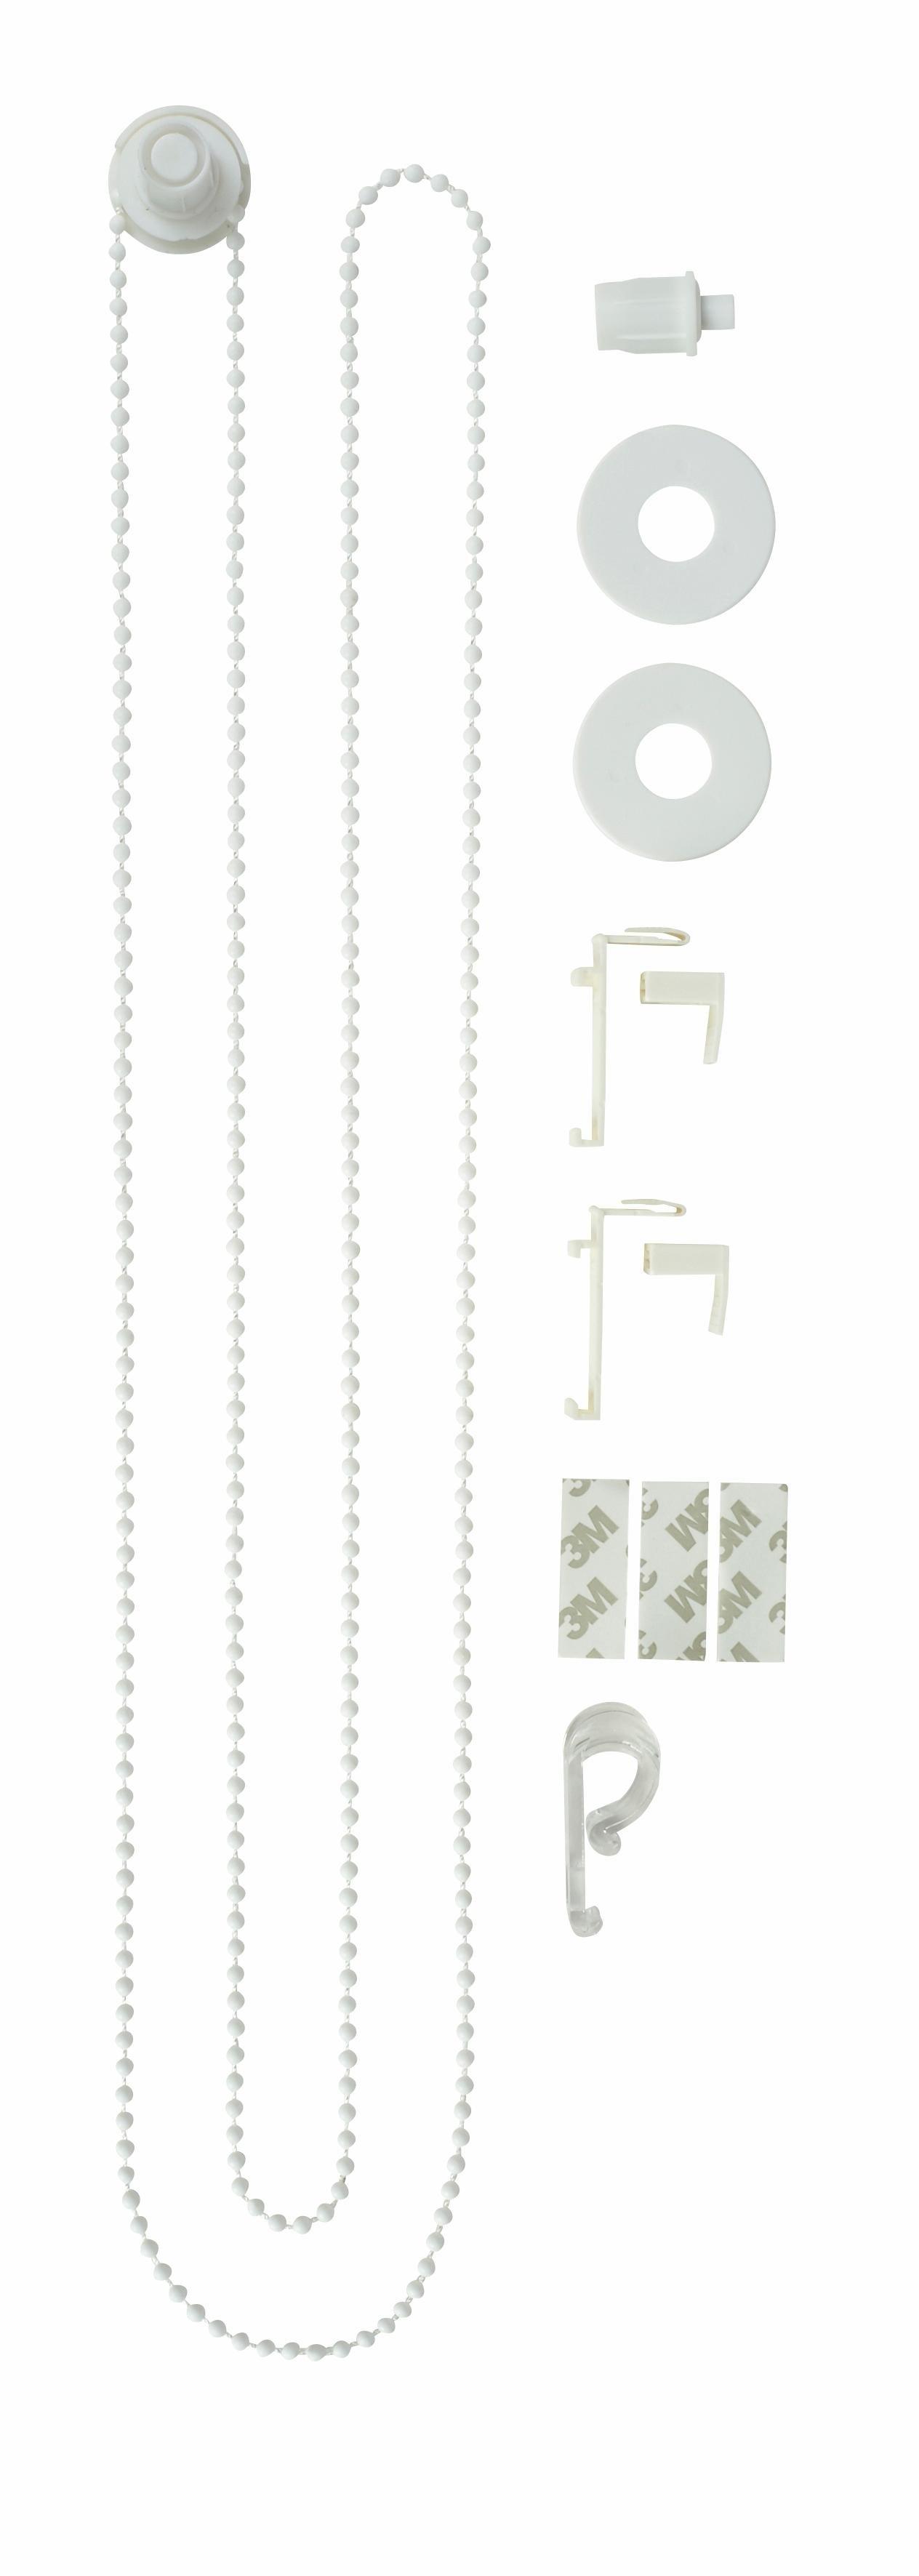 my home Extra onderdelenset voor rolgordijn dat beschermt tegen inkijk Montagemateriaal-set voor dubbel rolgordijn (set) - verschillende betaalmethodes